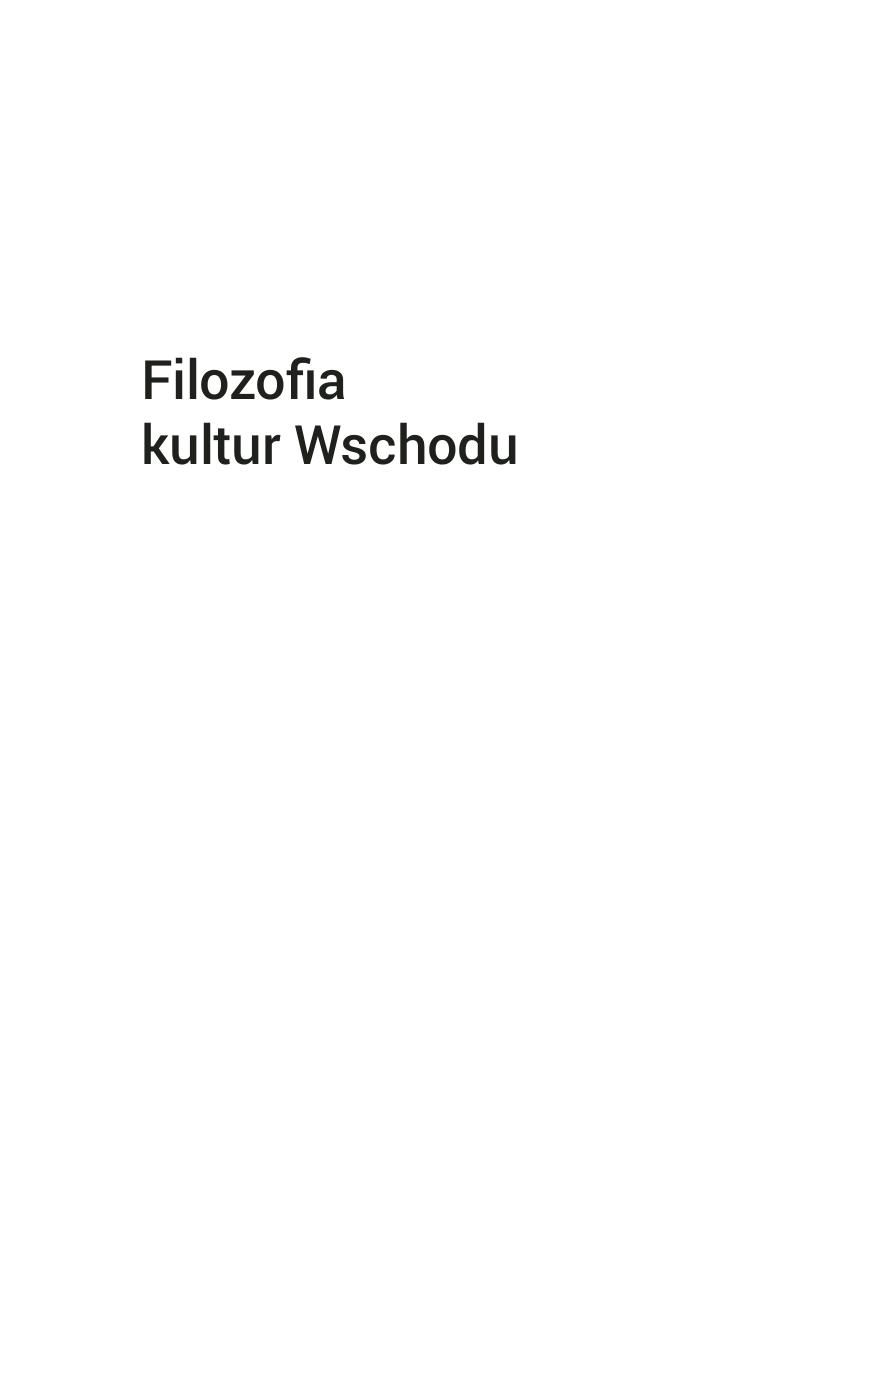 39e9c629122b2 ... tomu Piotr Mróz Małgorzata Ruchel Anna I. Wójcik seria filozofia  kultury © Copyright by Authors, Kraków 2015 isbn 978-83-65148-50-6 Recenzja  dr hab.